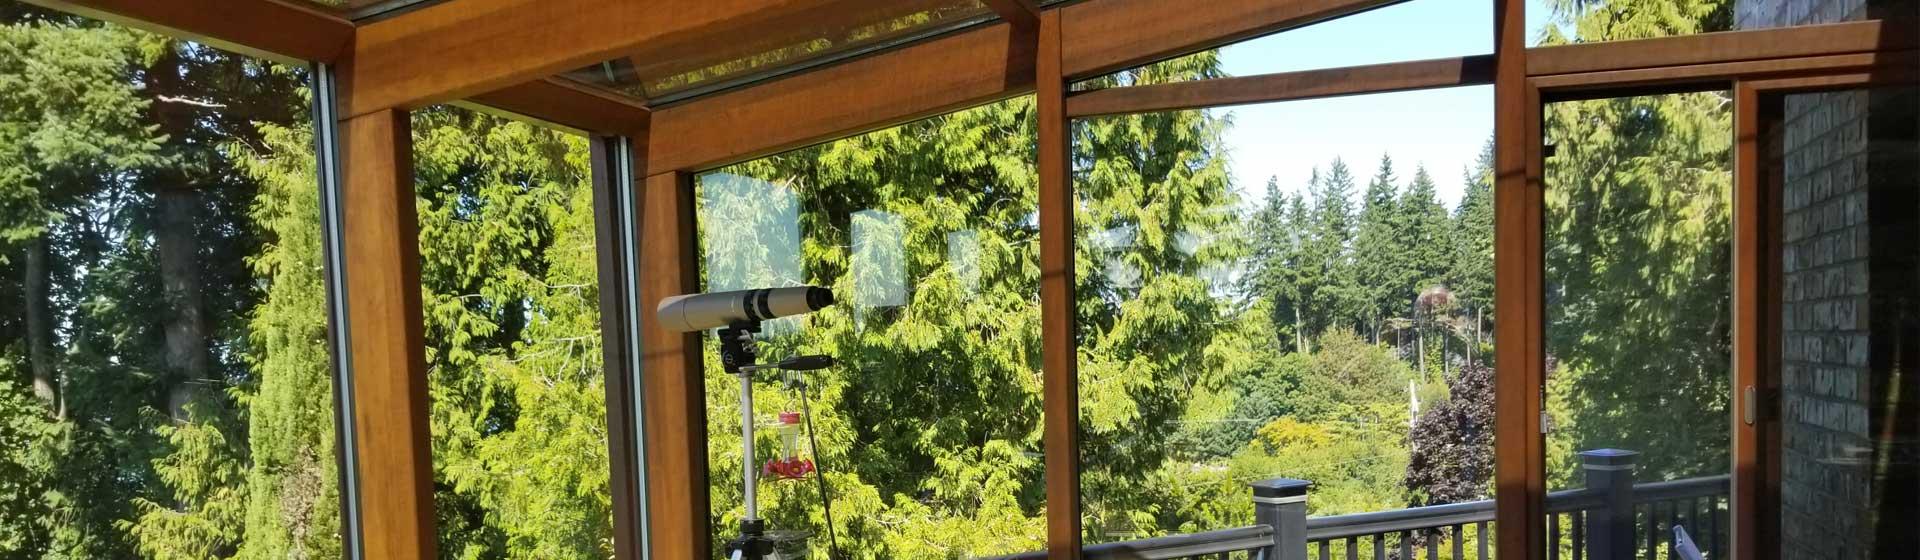 wood-beam-sunrooms-2